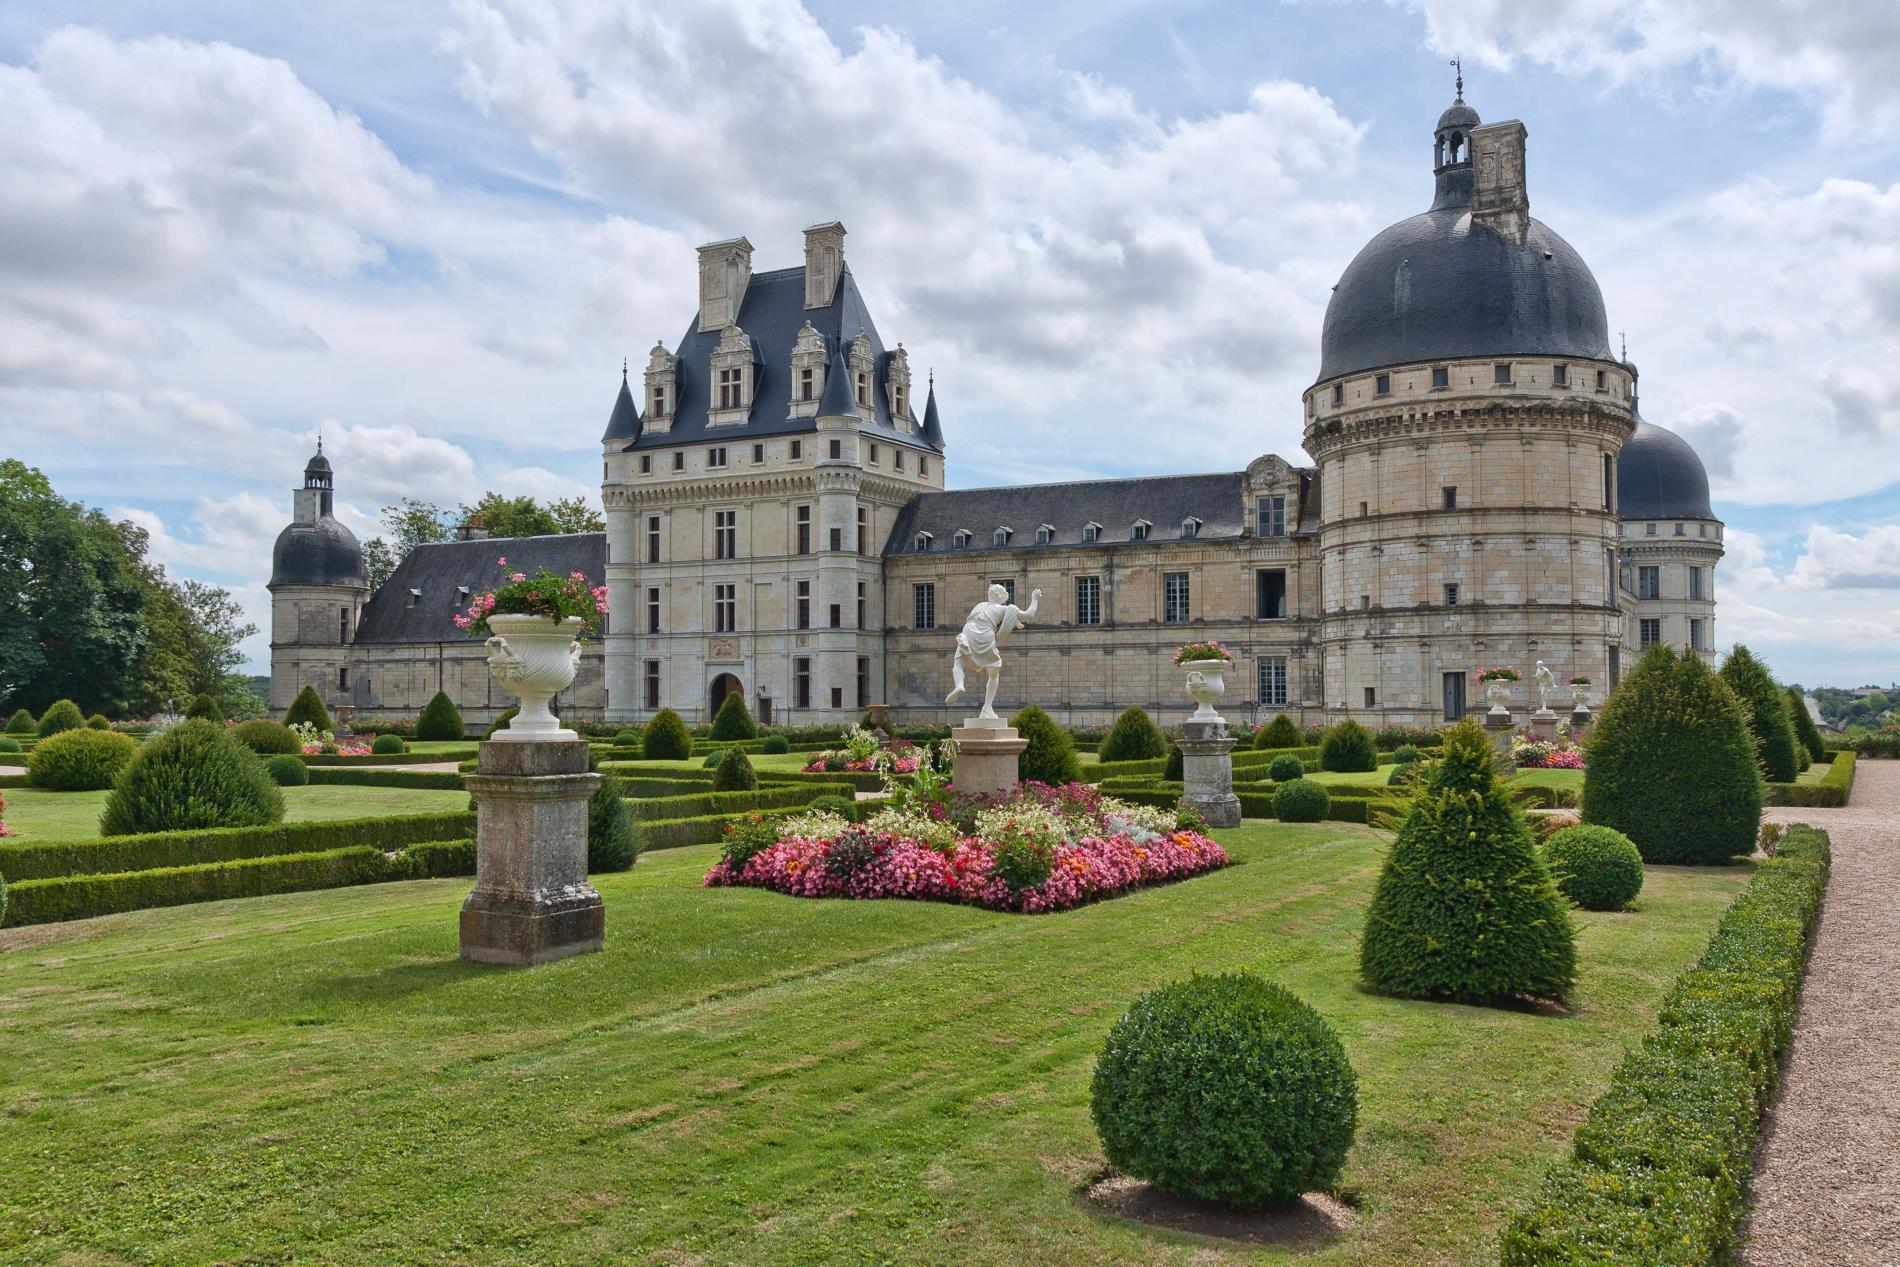 The castle of Valençay